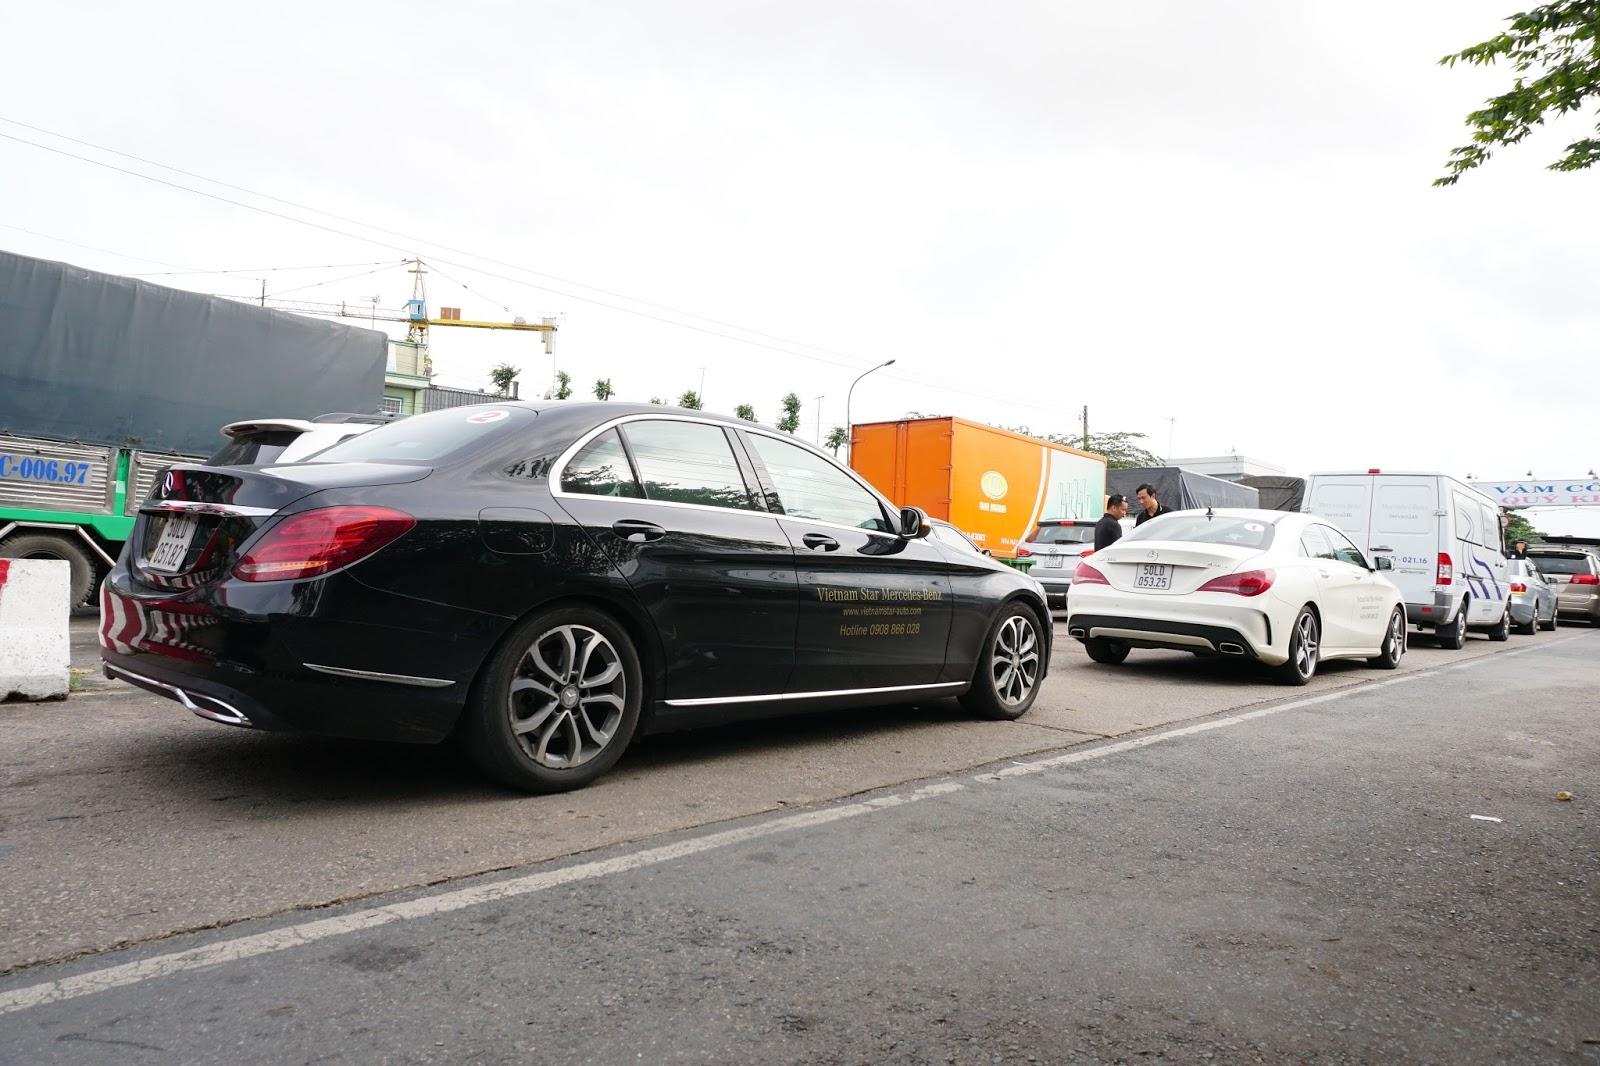 Đoàn xe của Mercedes Benz dừng tại phà Vàm Cống, An Giang